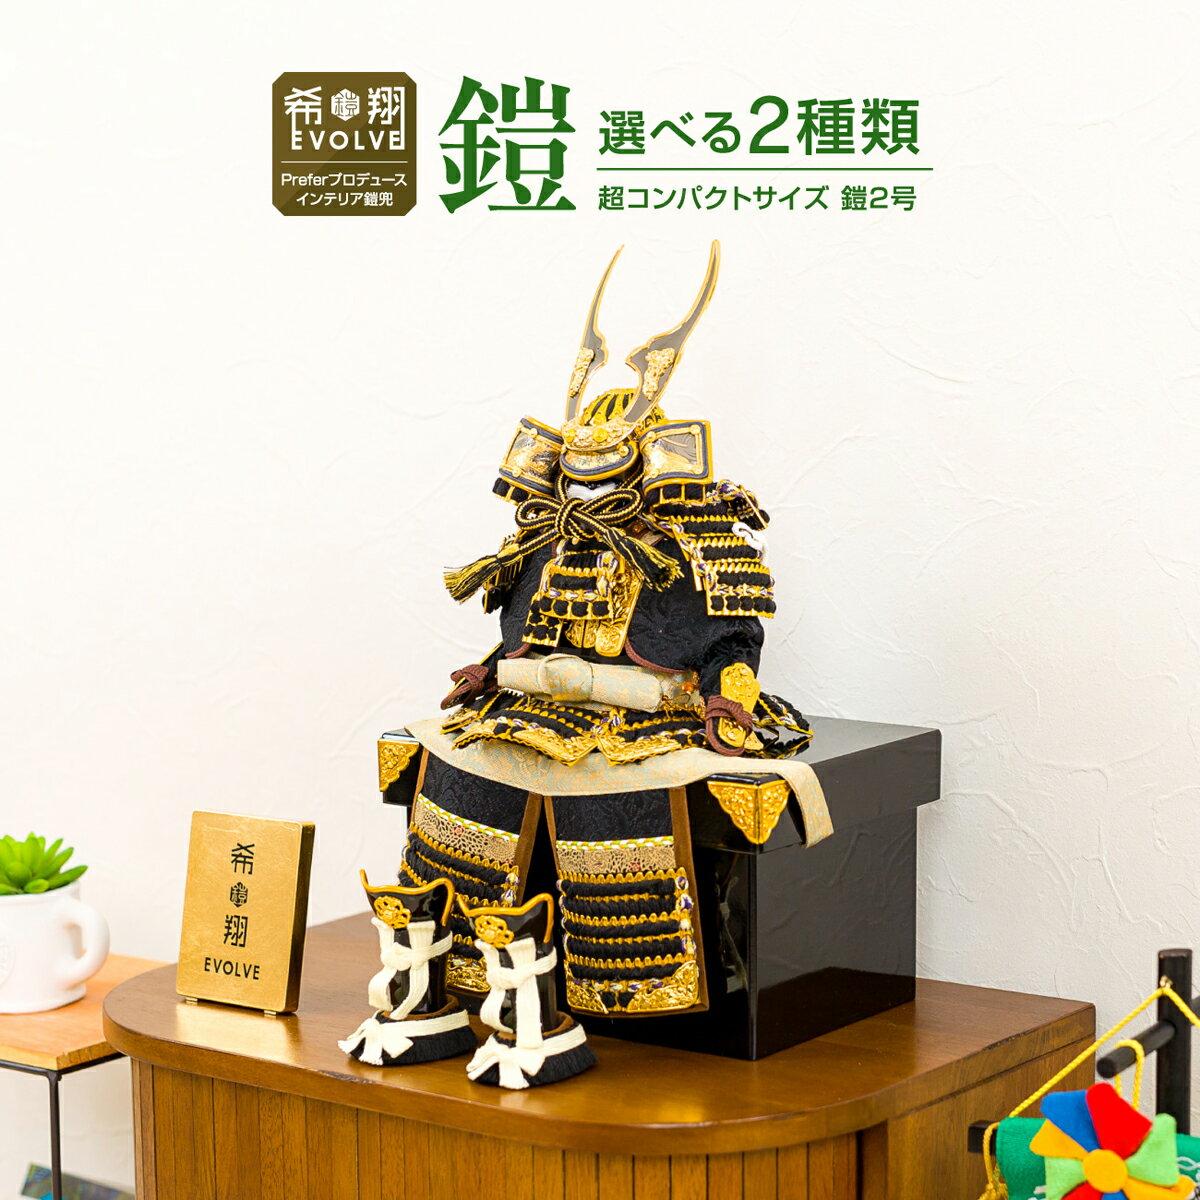 五月人形 コンパクト おしゃれ 希翔/EVOLVE 鎧 2号【選べる2種類】 インテリア鎧兜